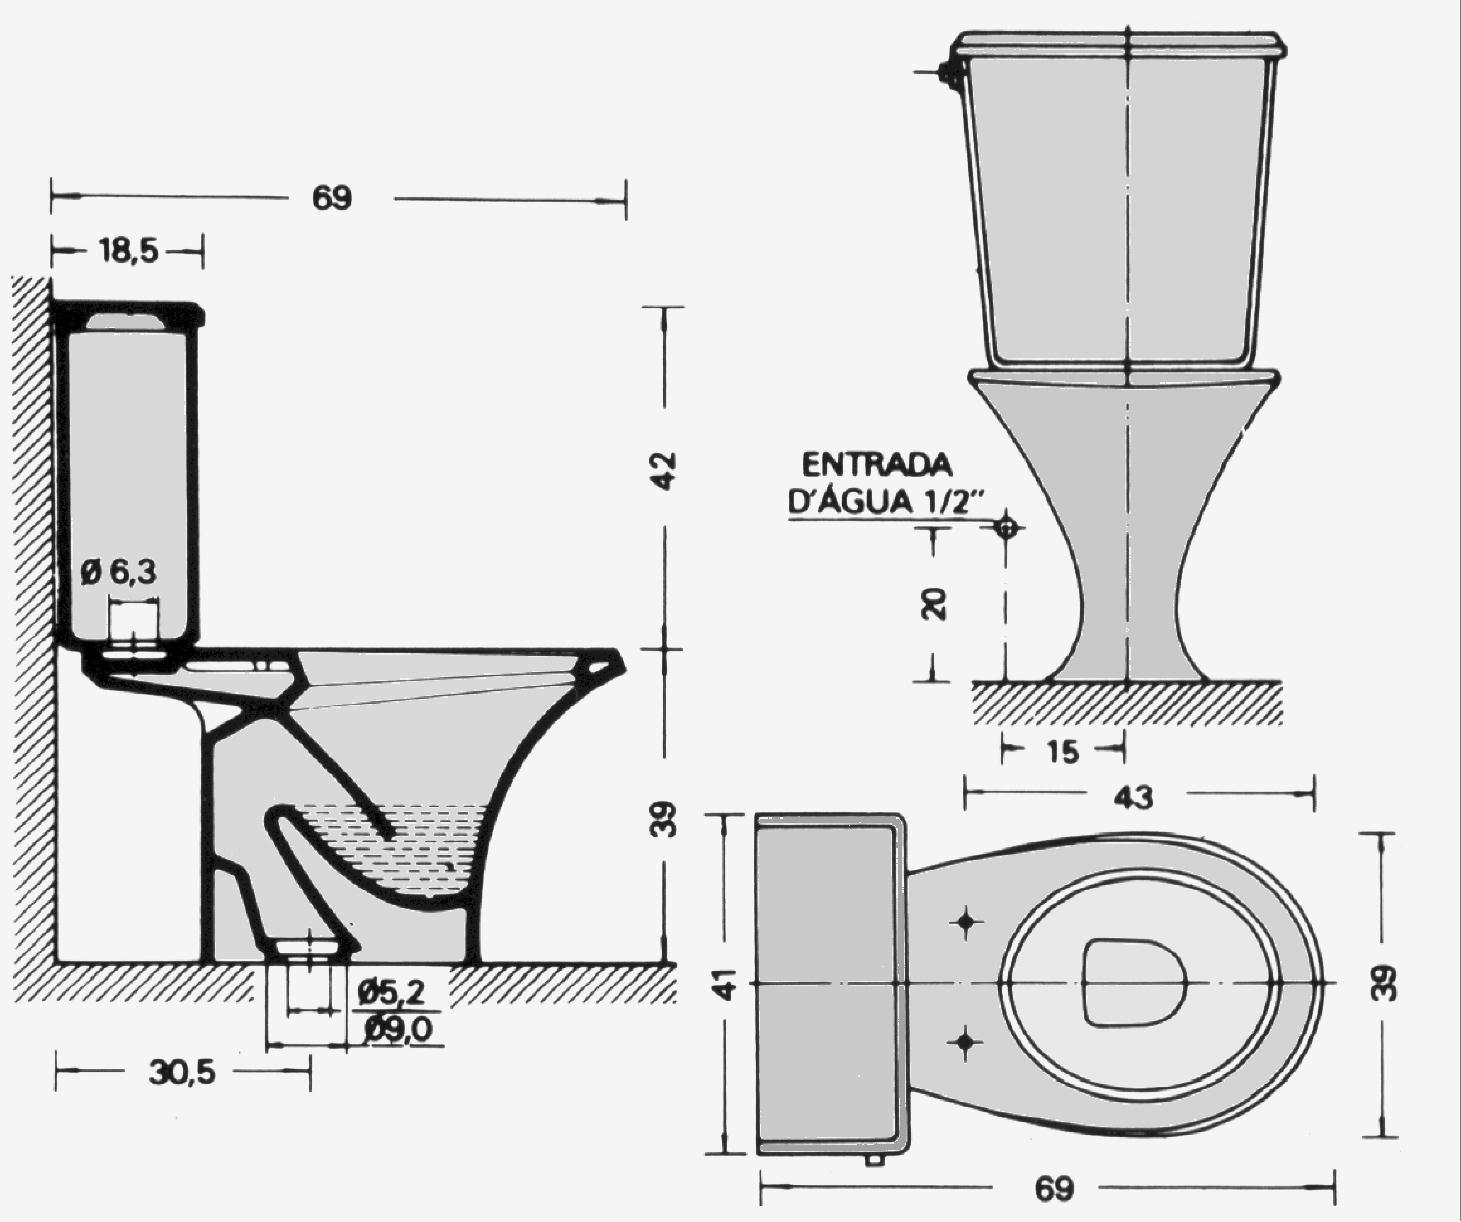 Ba o dimensiones del inodoro distancia tanque ba o for La caixa pisos embargados